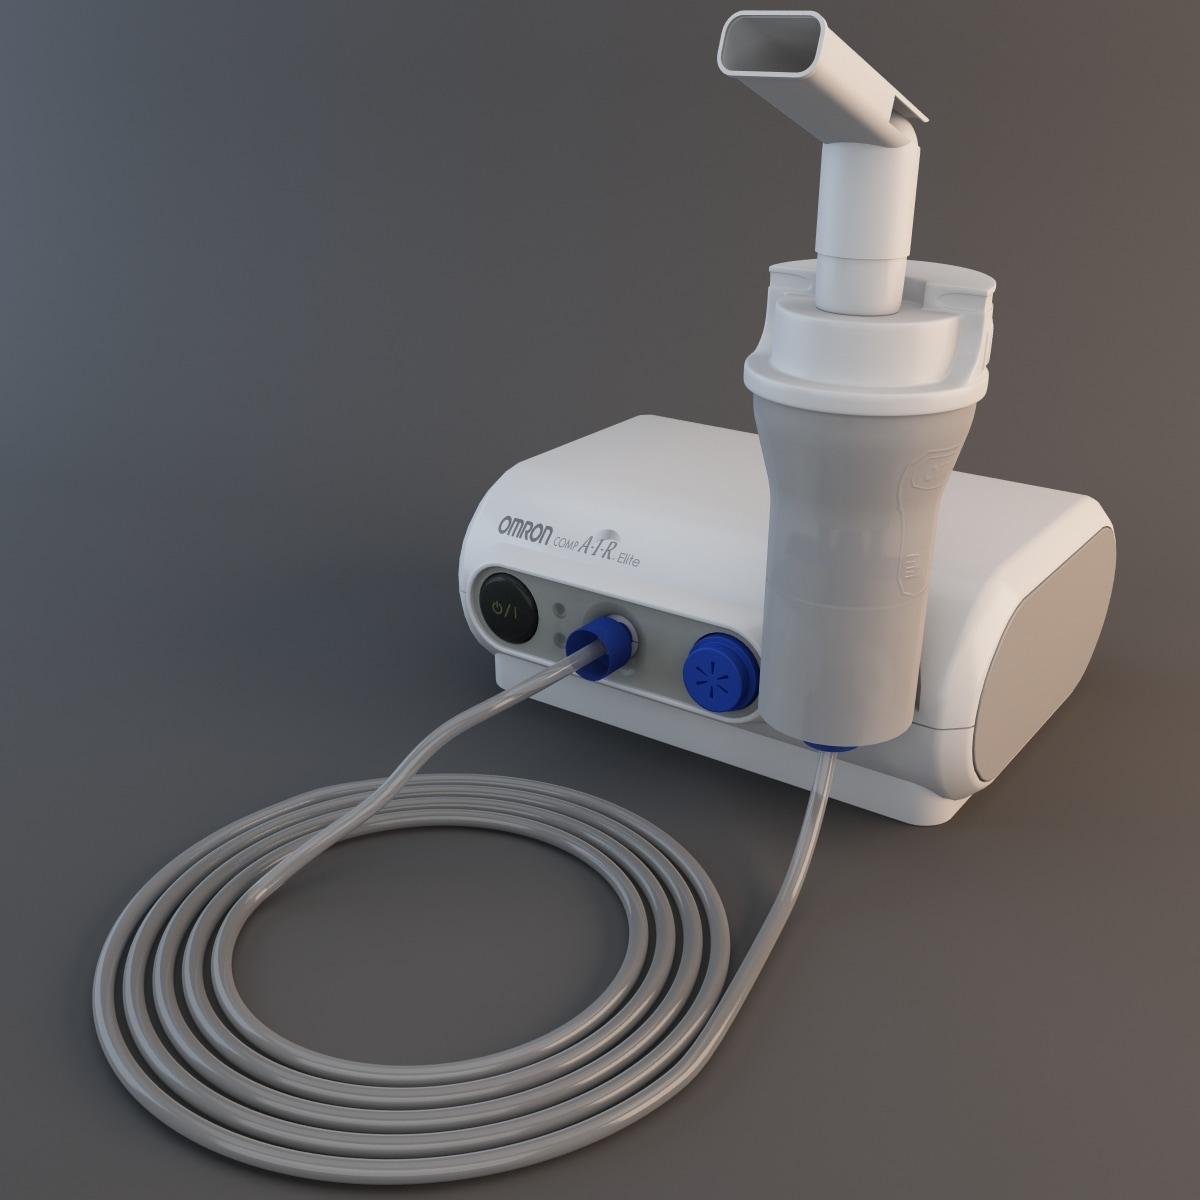 Compressor_Inhaler_Air_Elite_003.jpg